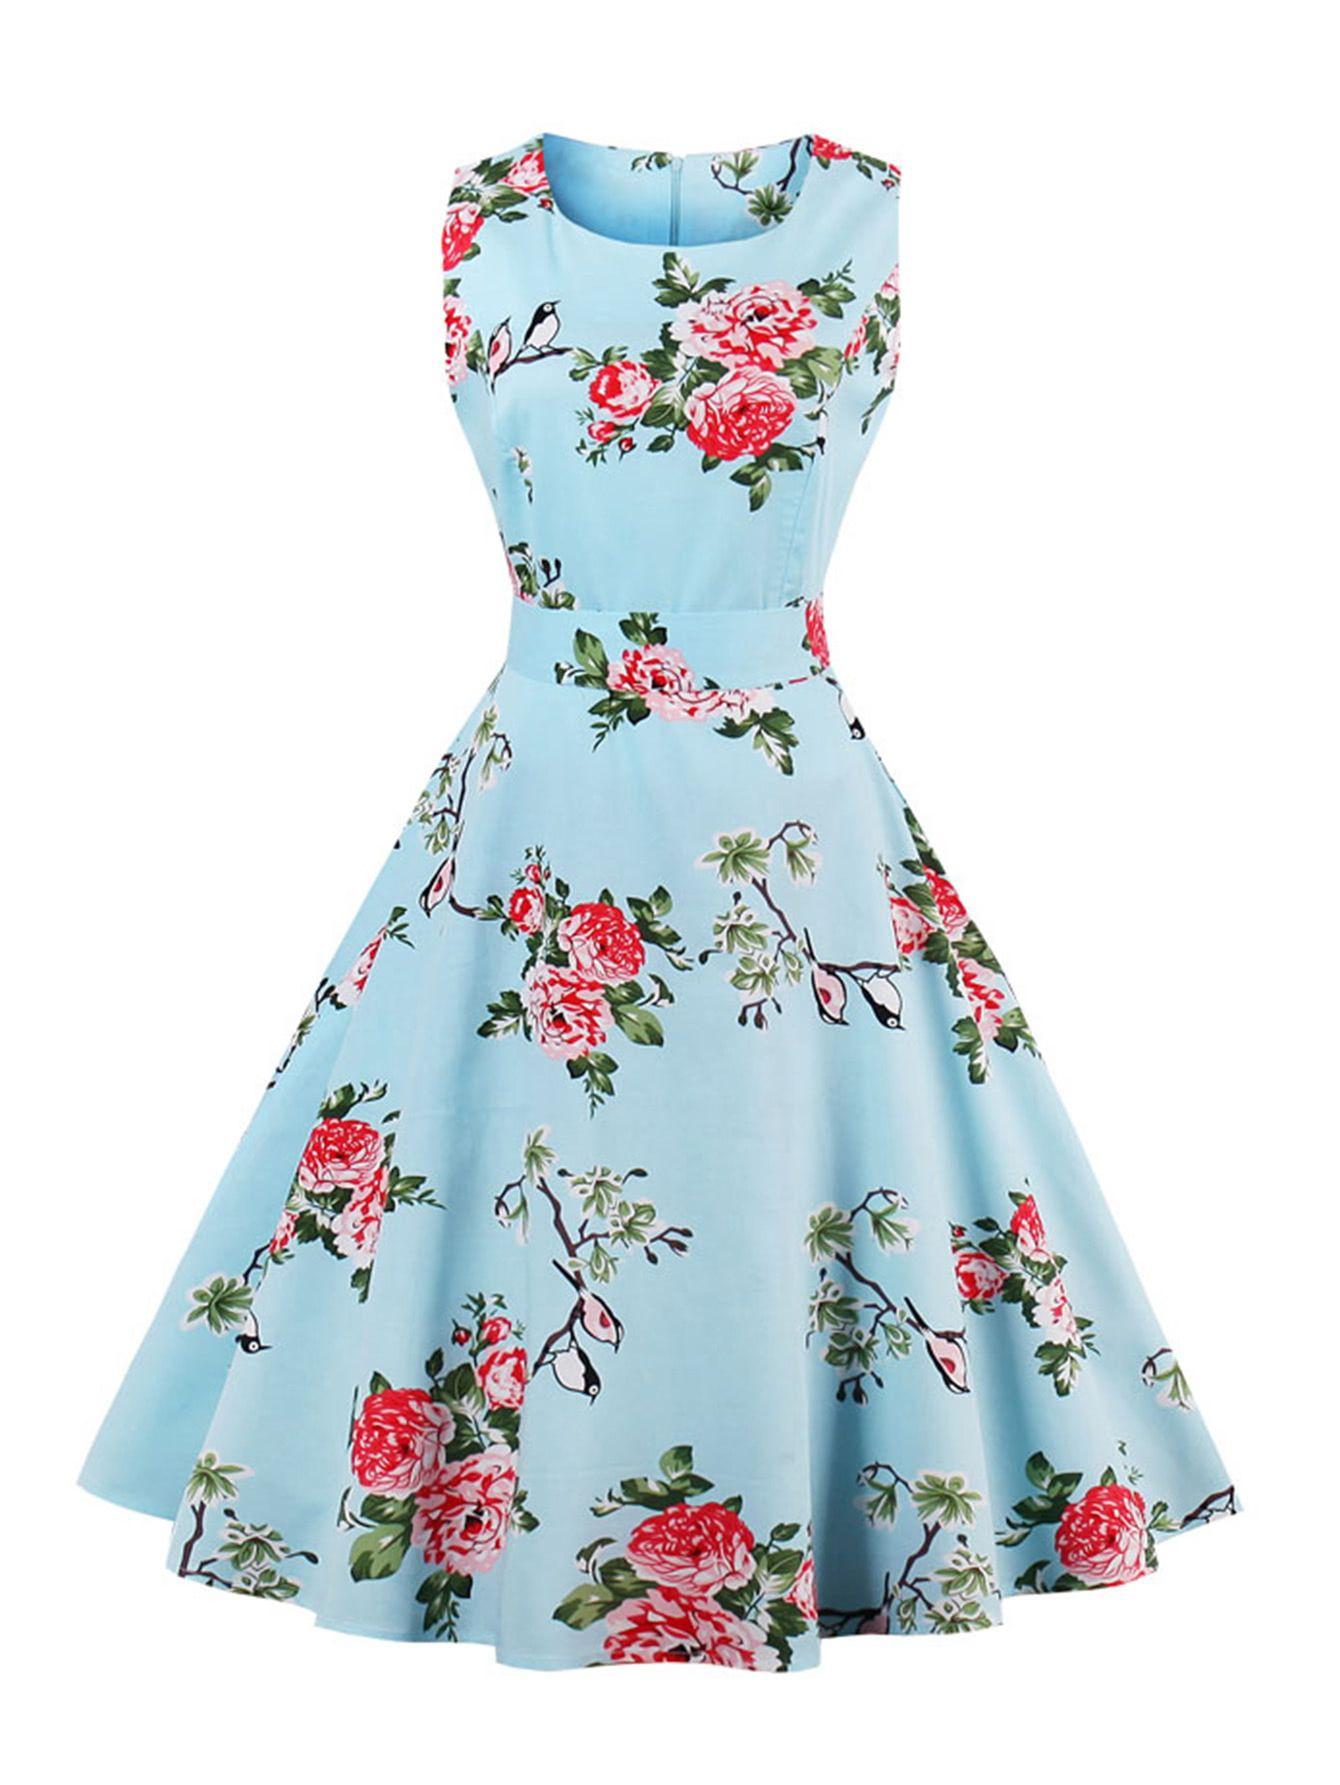 Kleid mit Blumen und Schleife hinten | Schleife, Blumen und Schöner